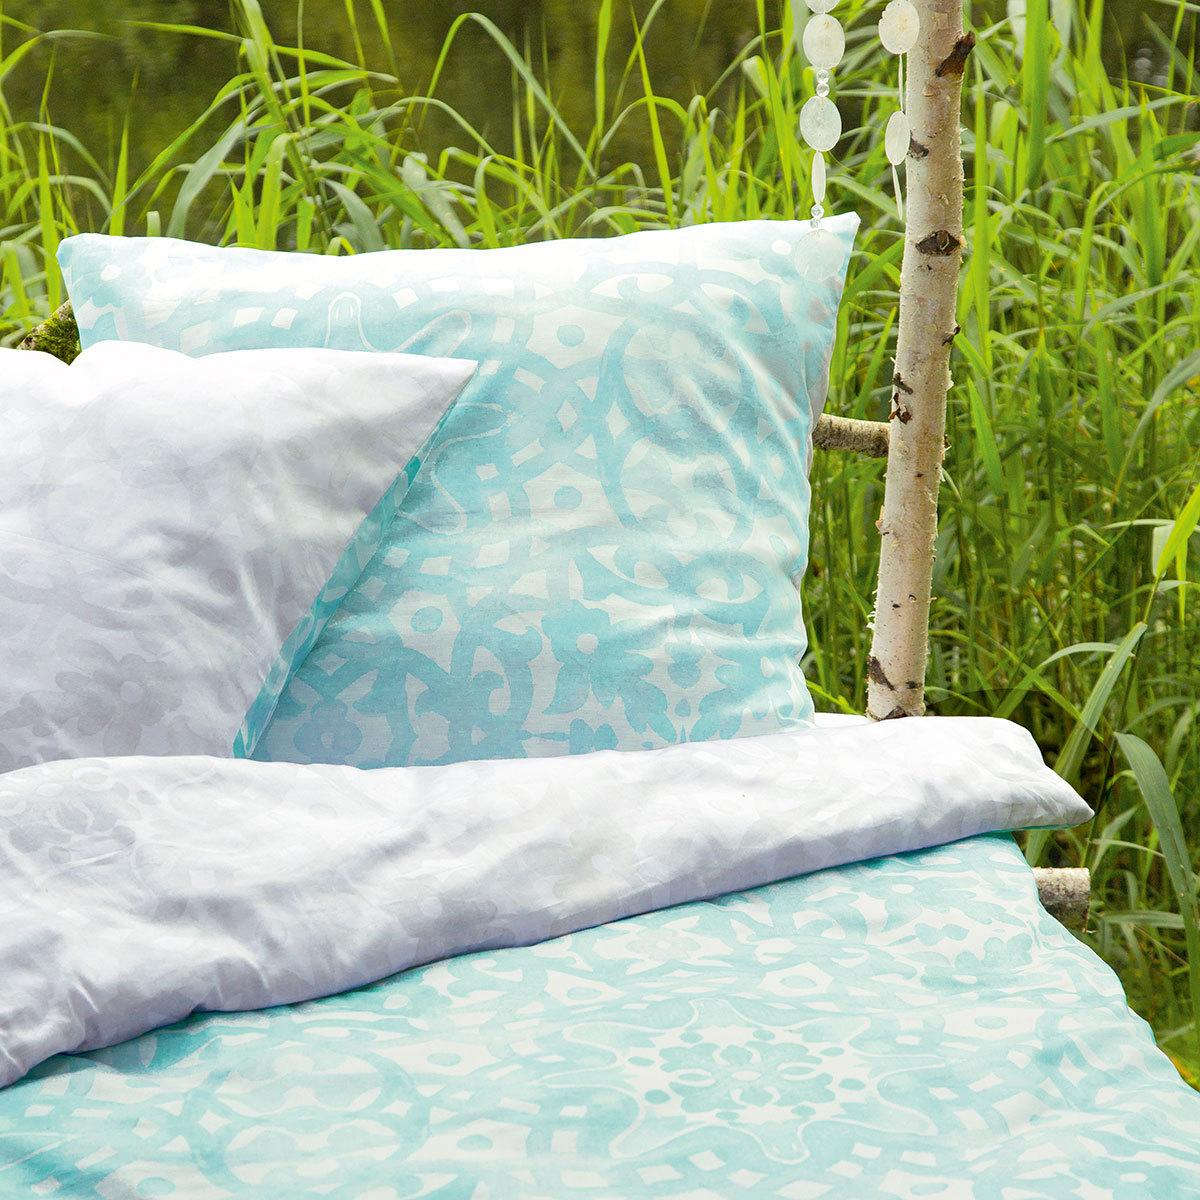 ibena mako satin wendebettw sche zeitgeist 5083 700. Black Bedroom Furniture Sets. Home Design Ideas